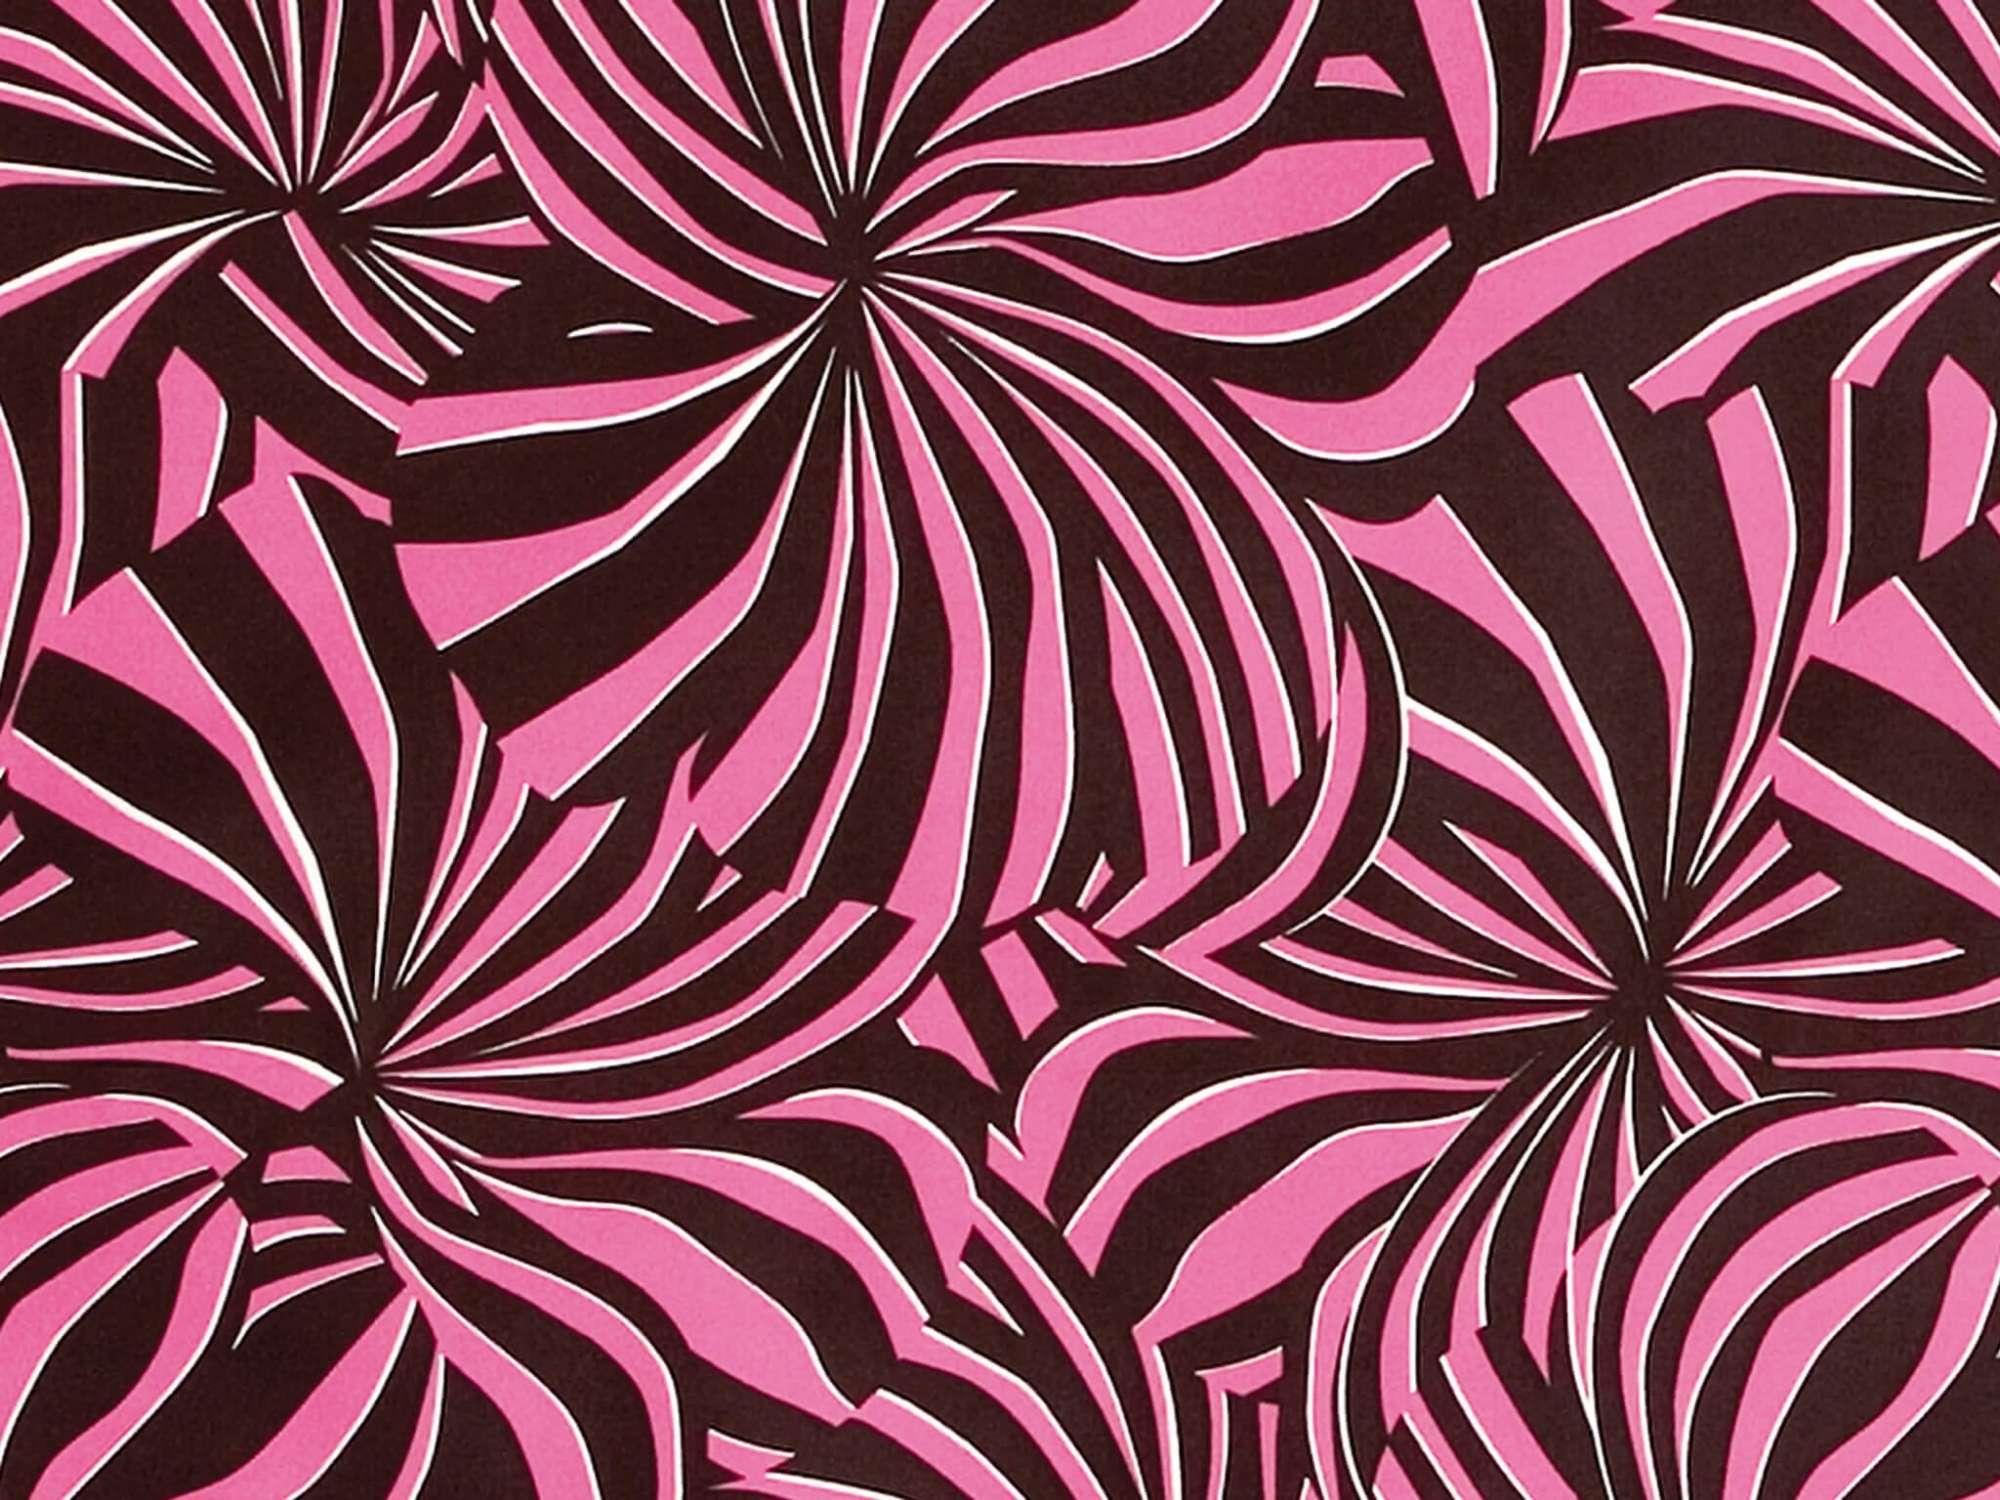 Papier peint Berlingot rose et noir à encre phosphorescente, dessiné par le studio de graphisme IchetKar